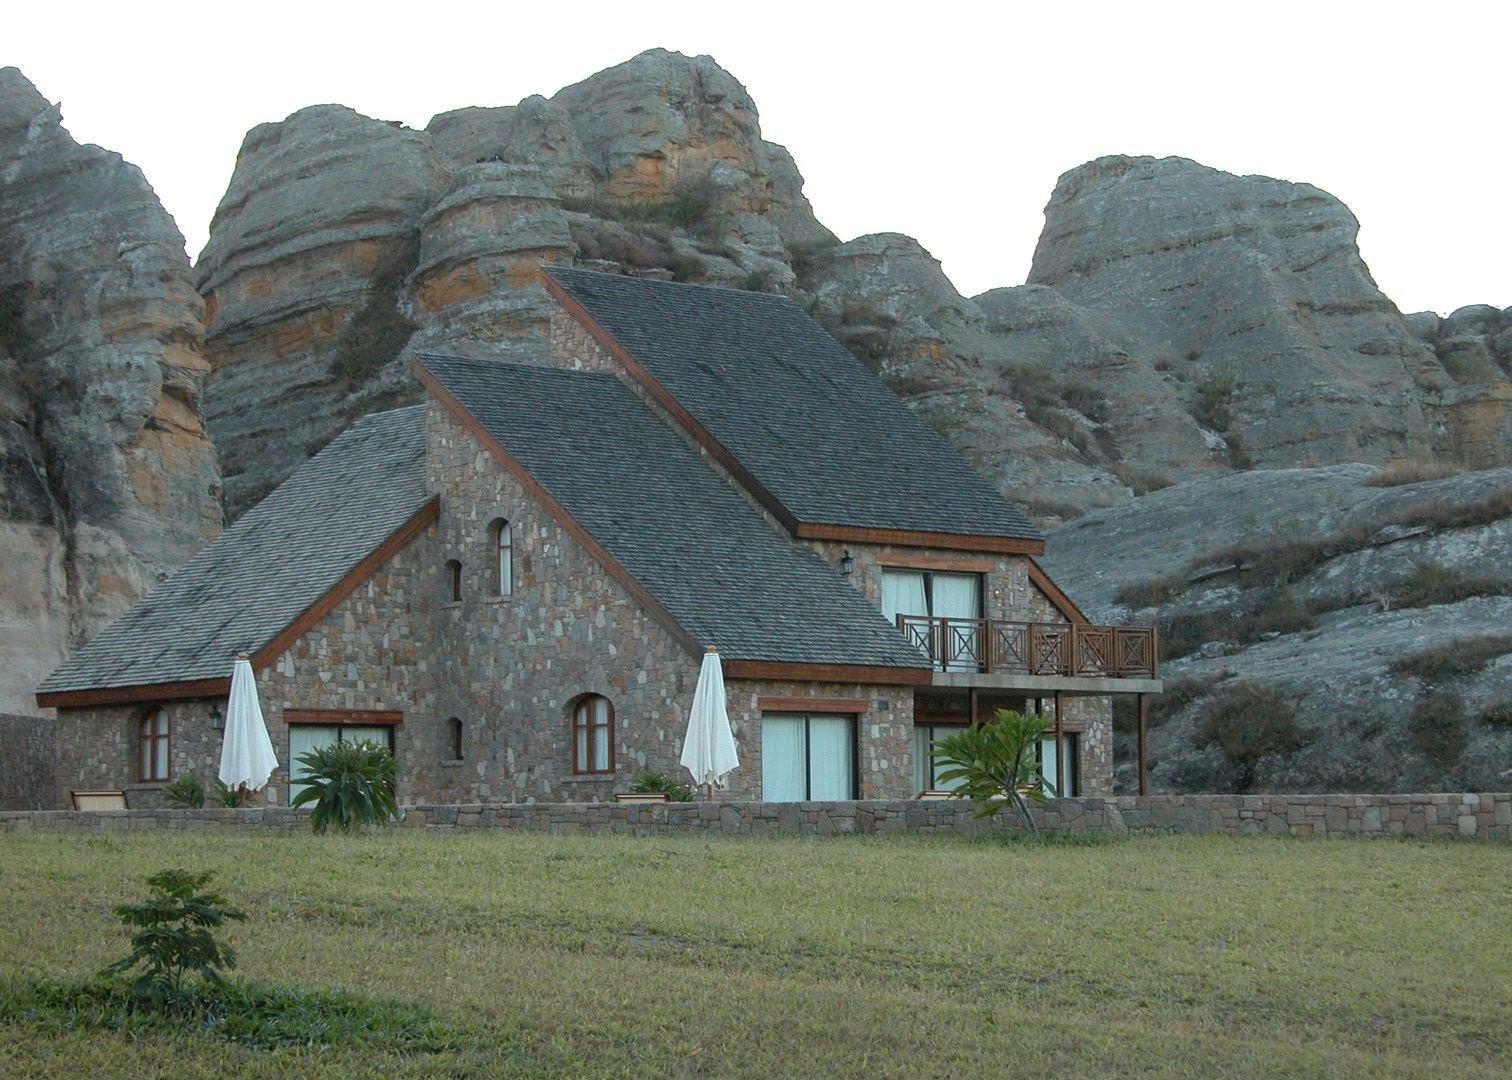 Le jardin du roy isalo national park audley travel for Atelier du jardin d acclimatation